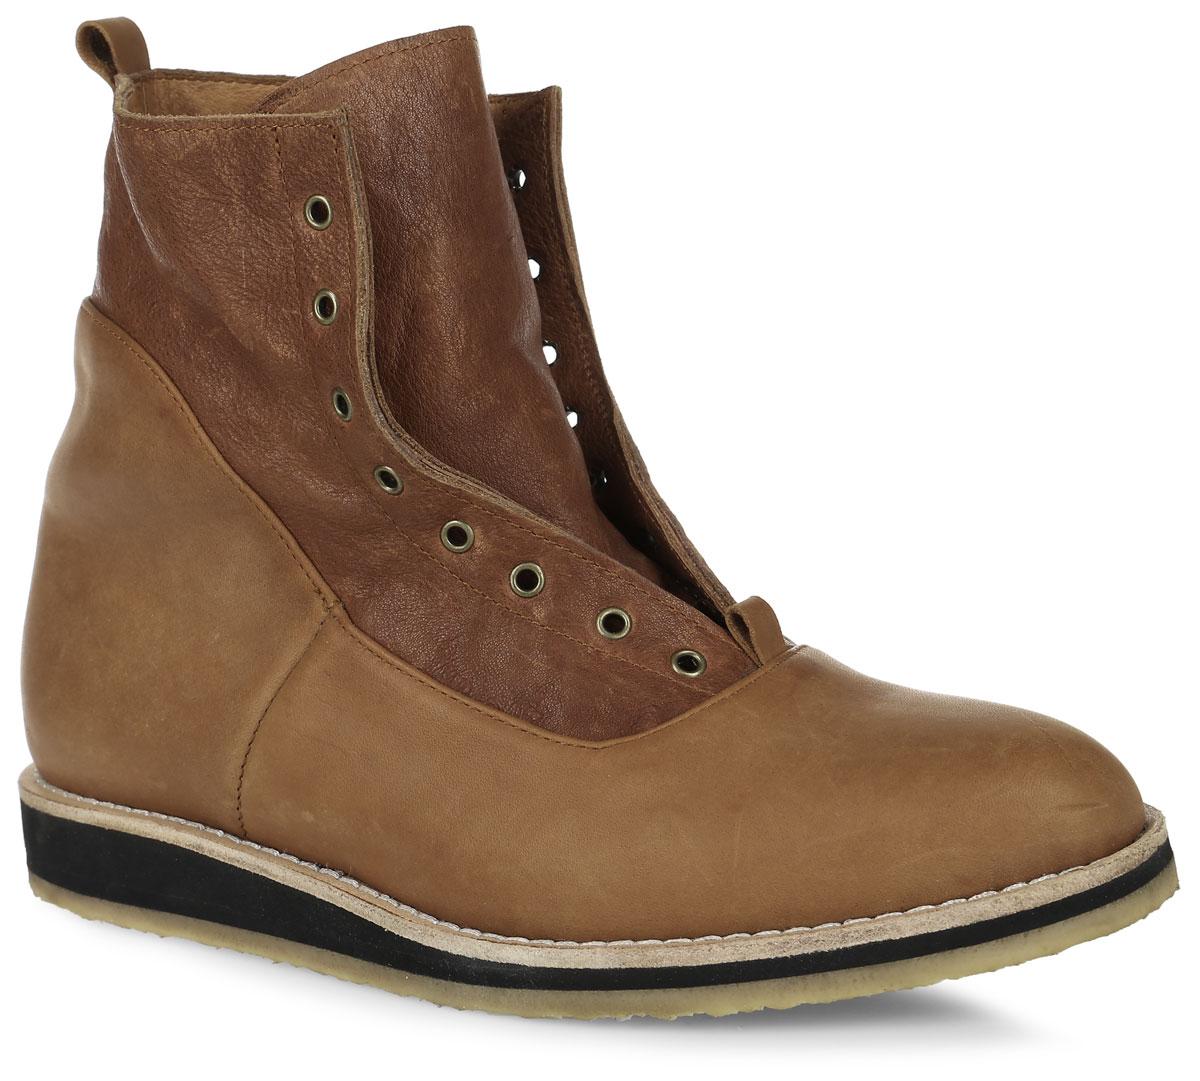 Brink-bСтильные ботинки от Notmysize заинтересуют вас своим дизайном. Модель выполнена из натуральной кожи с утеплителем из шерсти. Ботинки с вшитым язычком, дополнены металлическими люверсами. Ярлычок на заднике облегчает надевание обуви. Шерстяная стелька обеспечит комфорт при ходьбе. Каблук и подошва с рифлением защищают изделие от скольжения. Модные ботинки подчеркнут ваш стиль и индивидуальность.